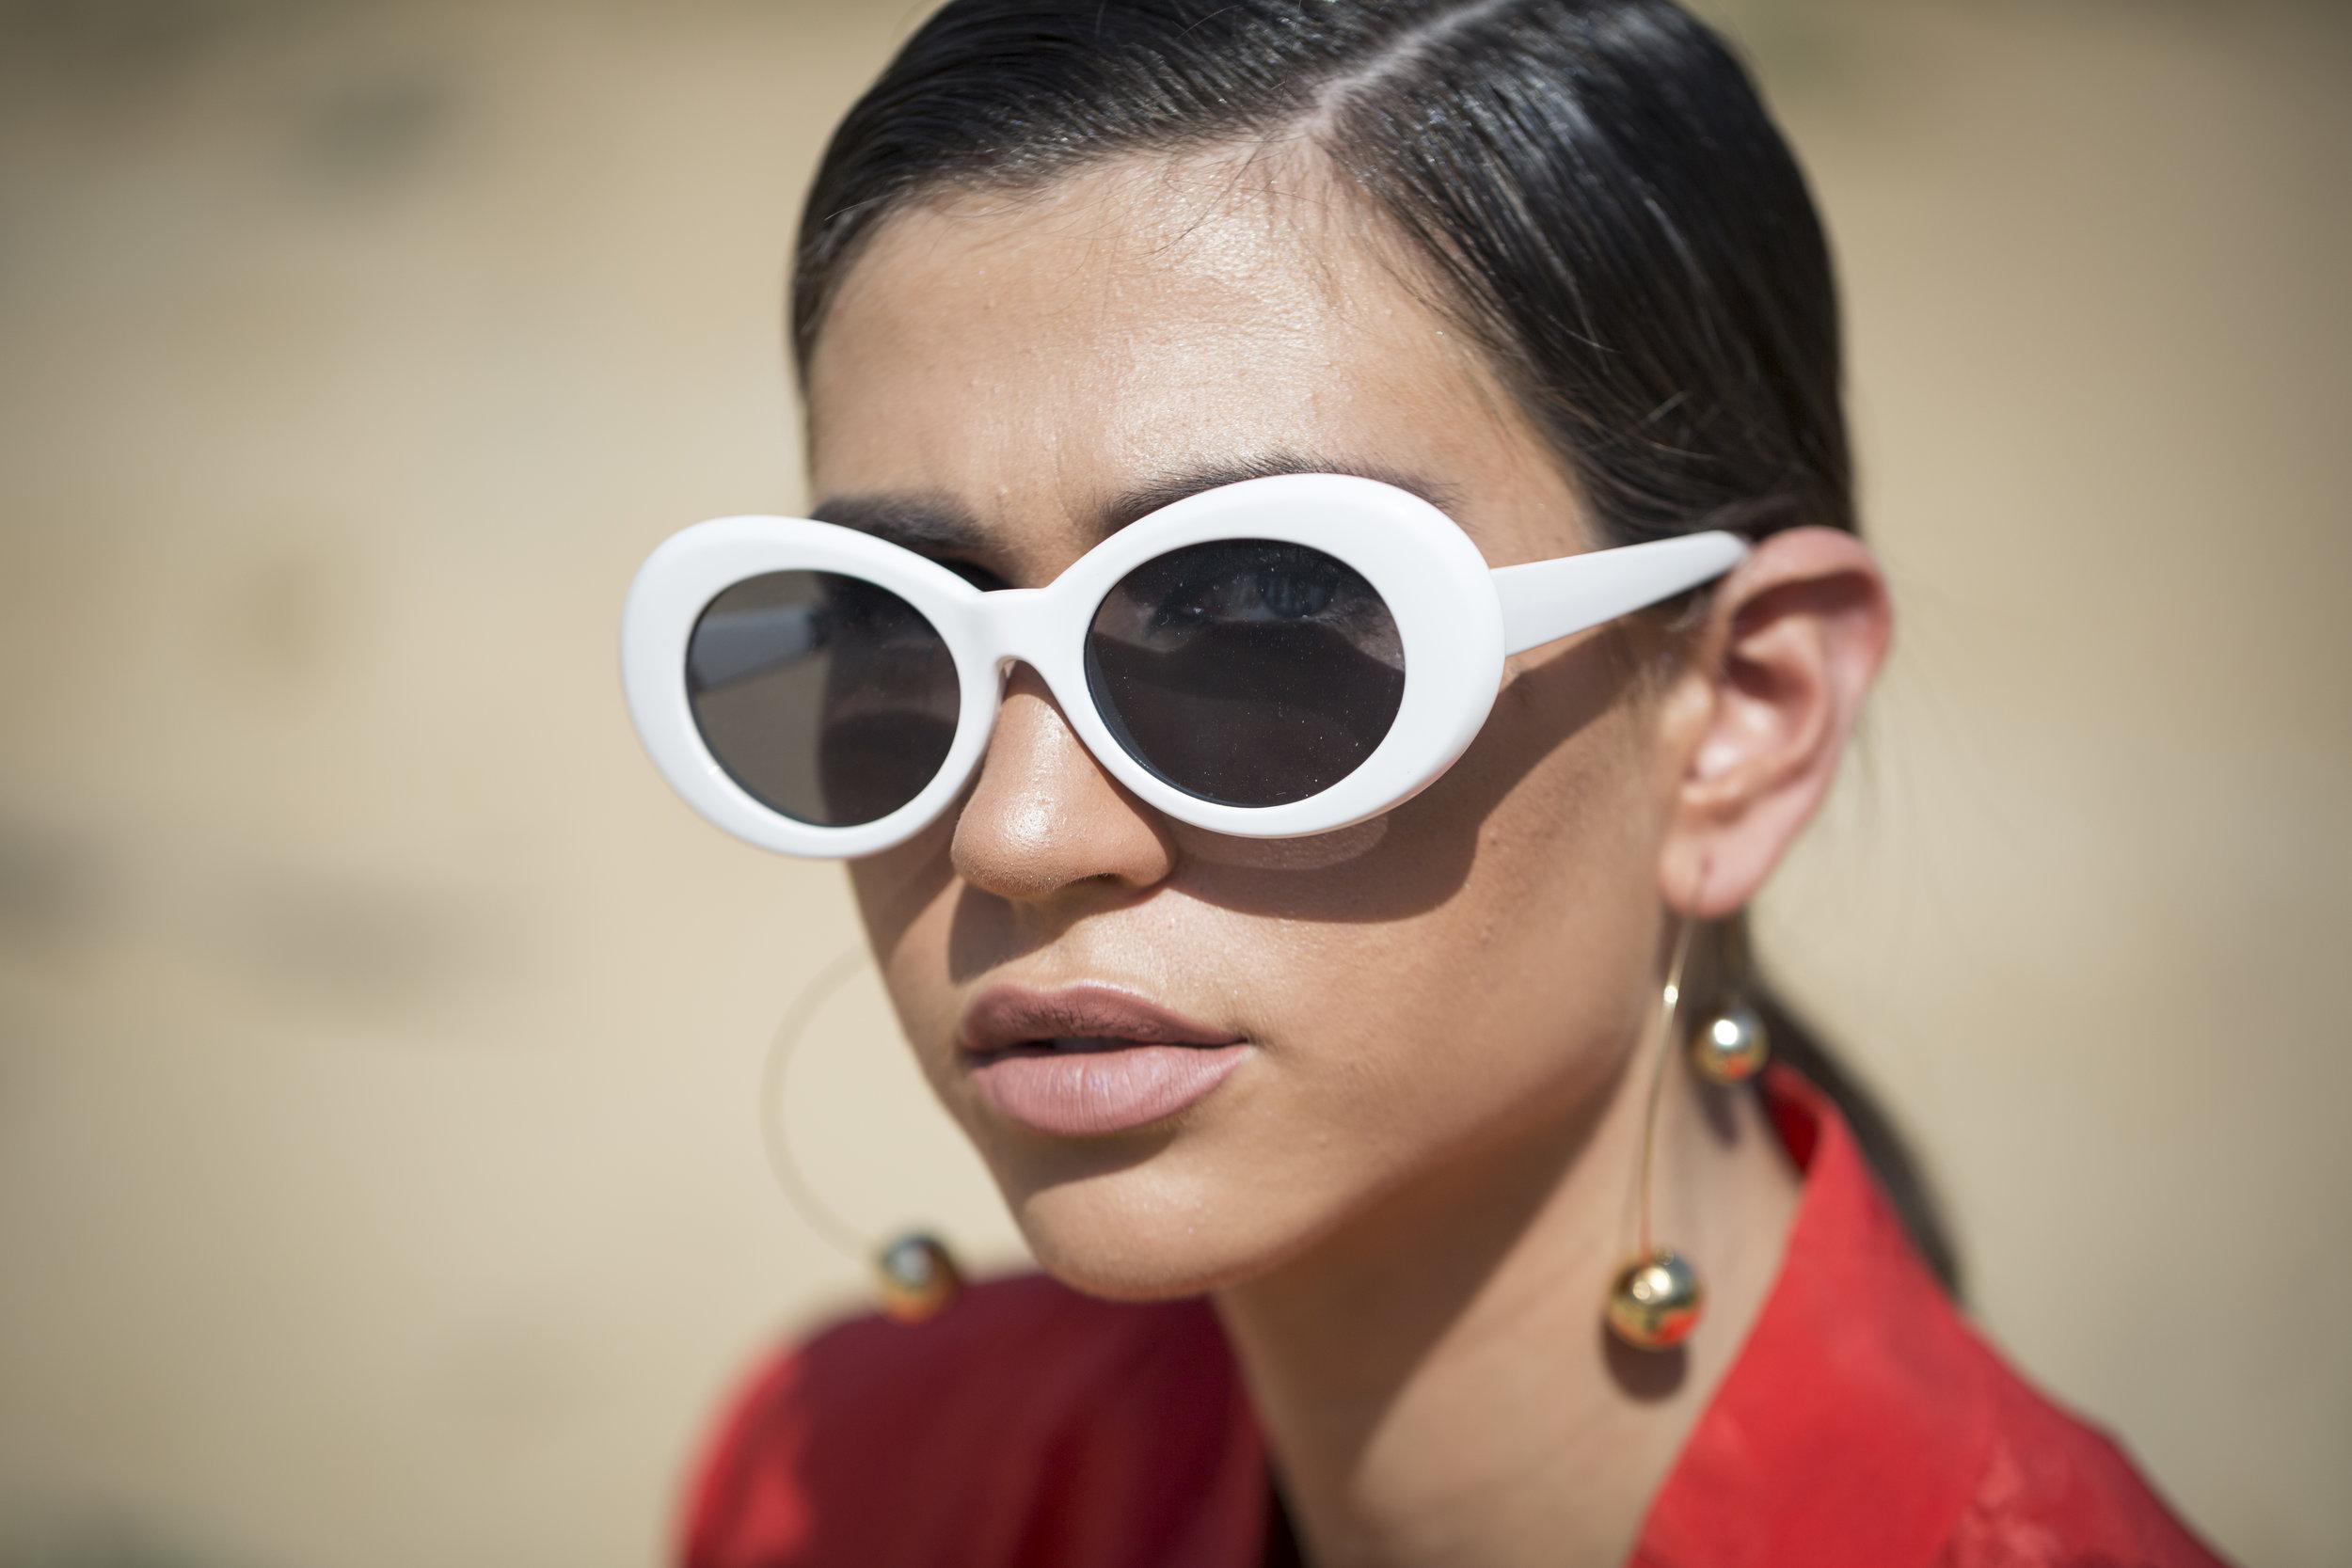 אביה ביטון משקפי זבוב טרנד סלין לבן אדום.jpg